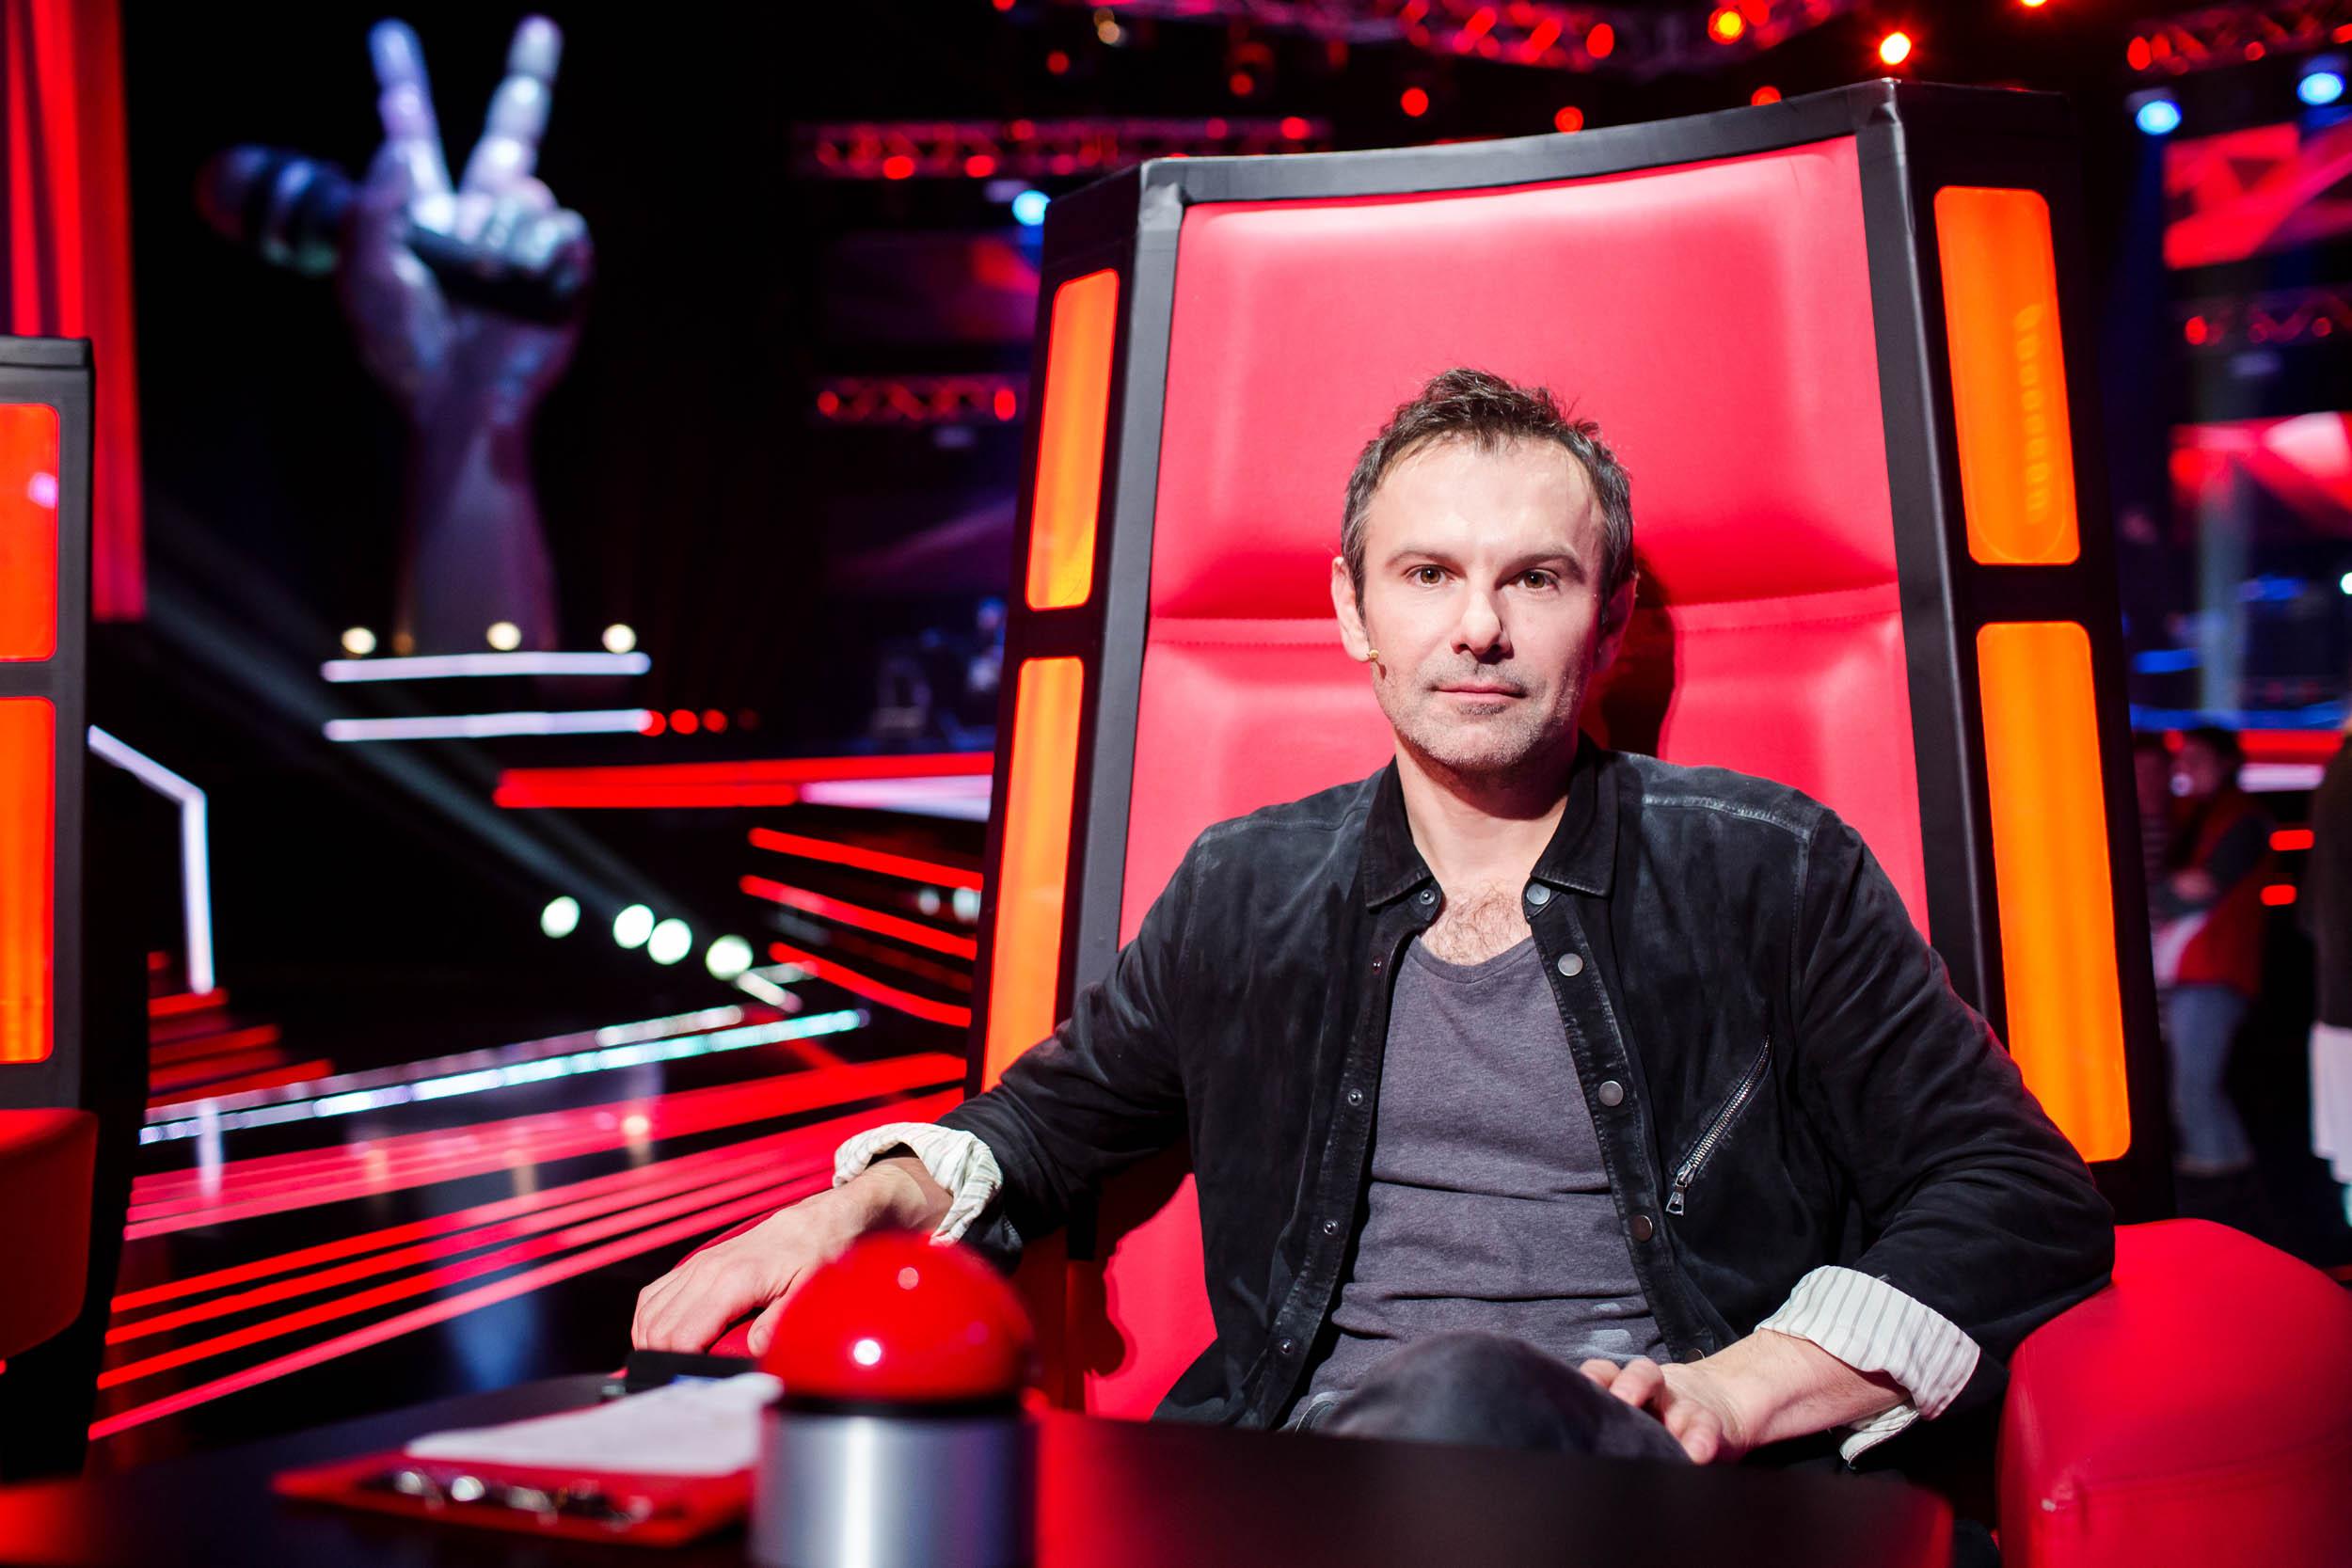 Шоу голос 9 выпуск смотреть онлайн 22 фотография